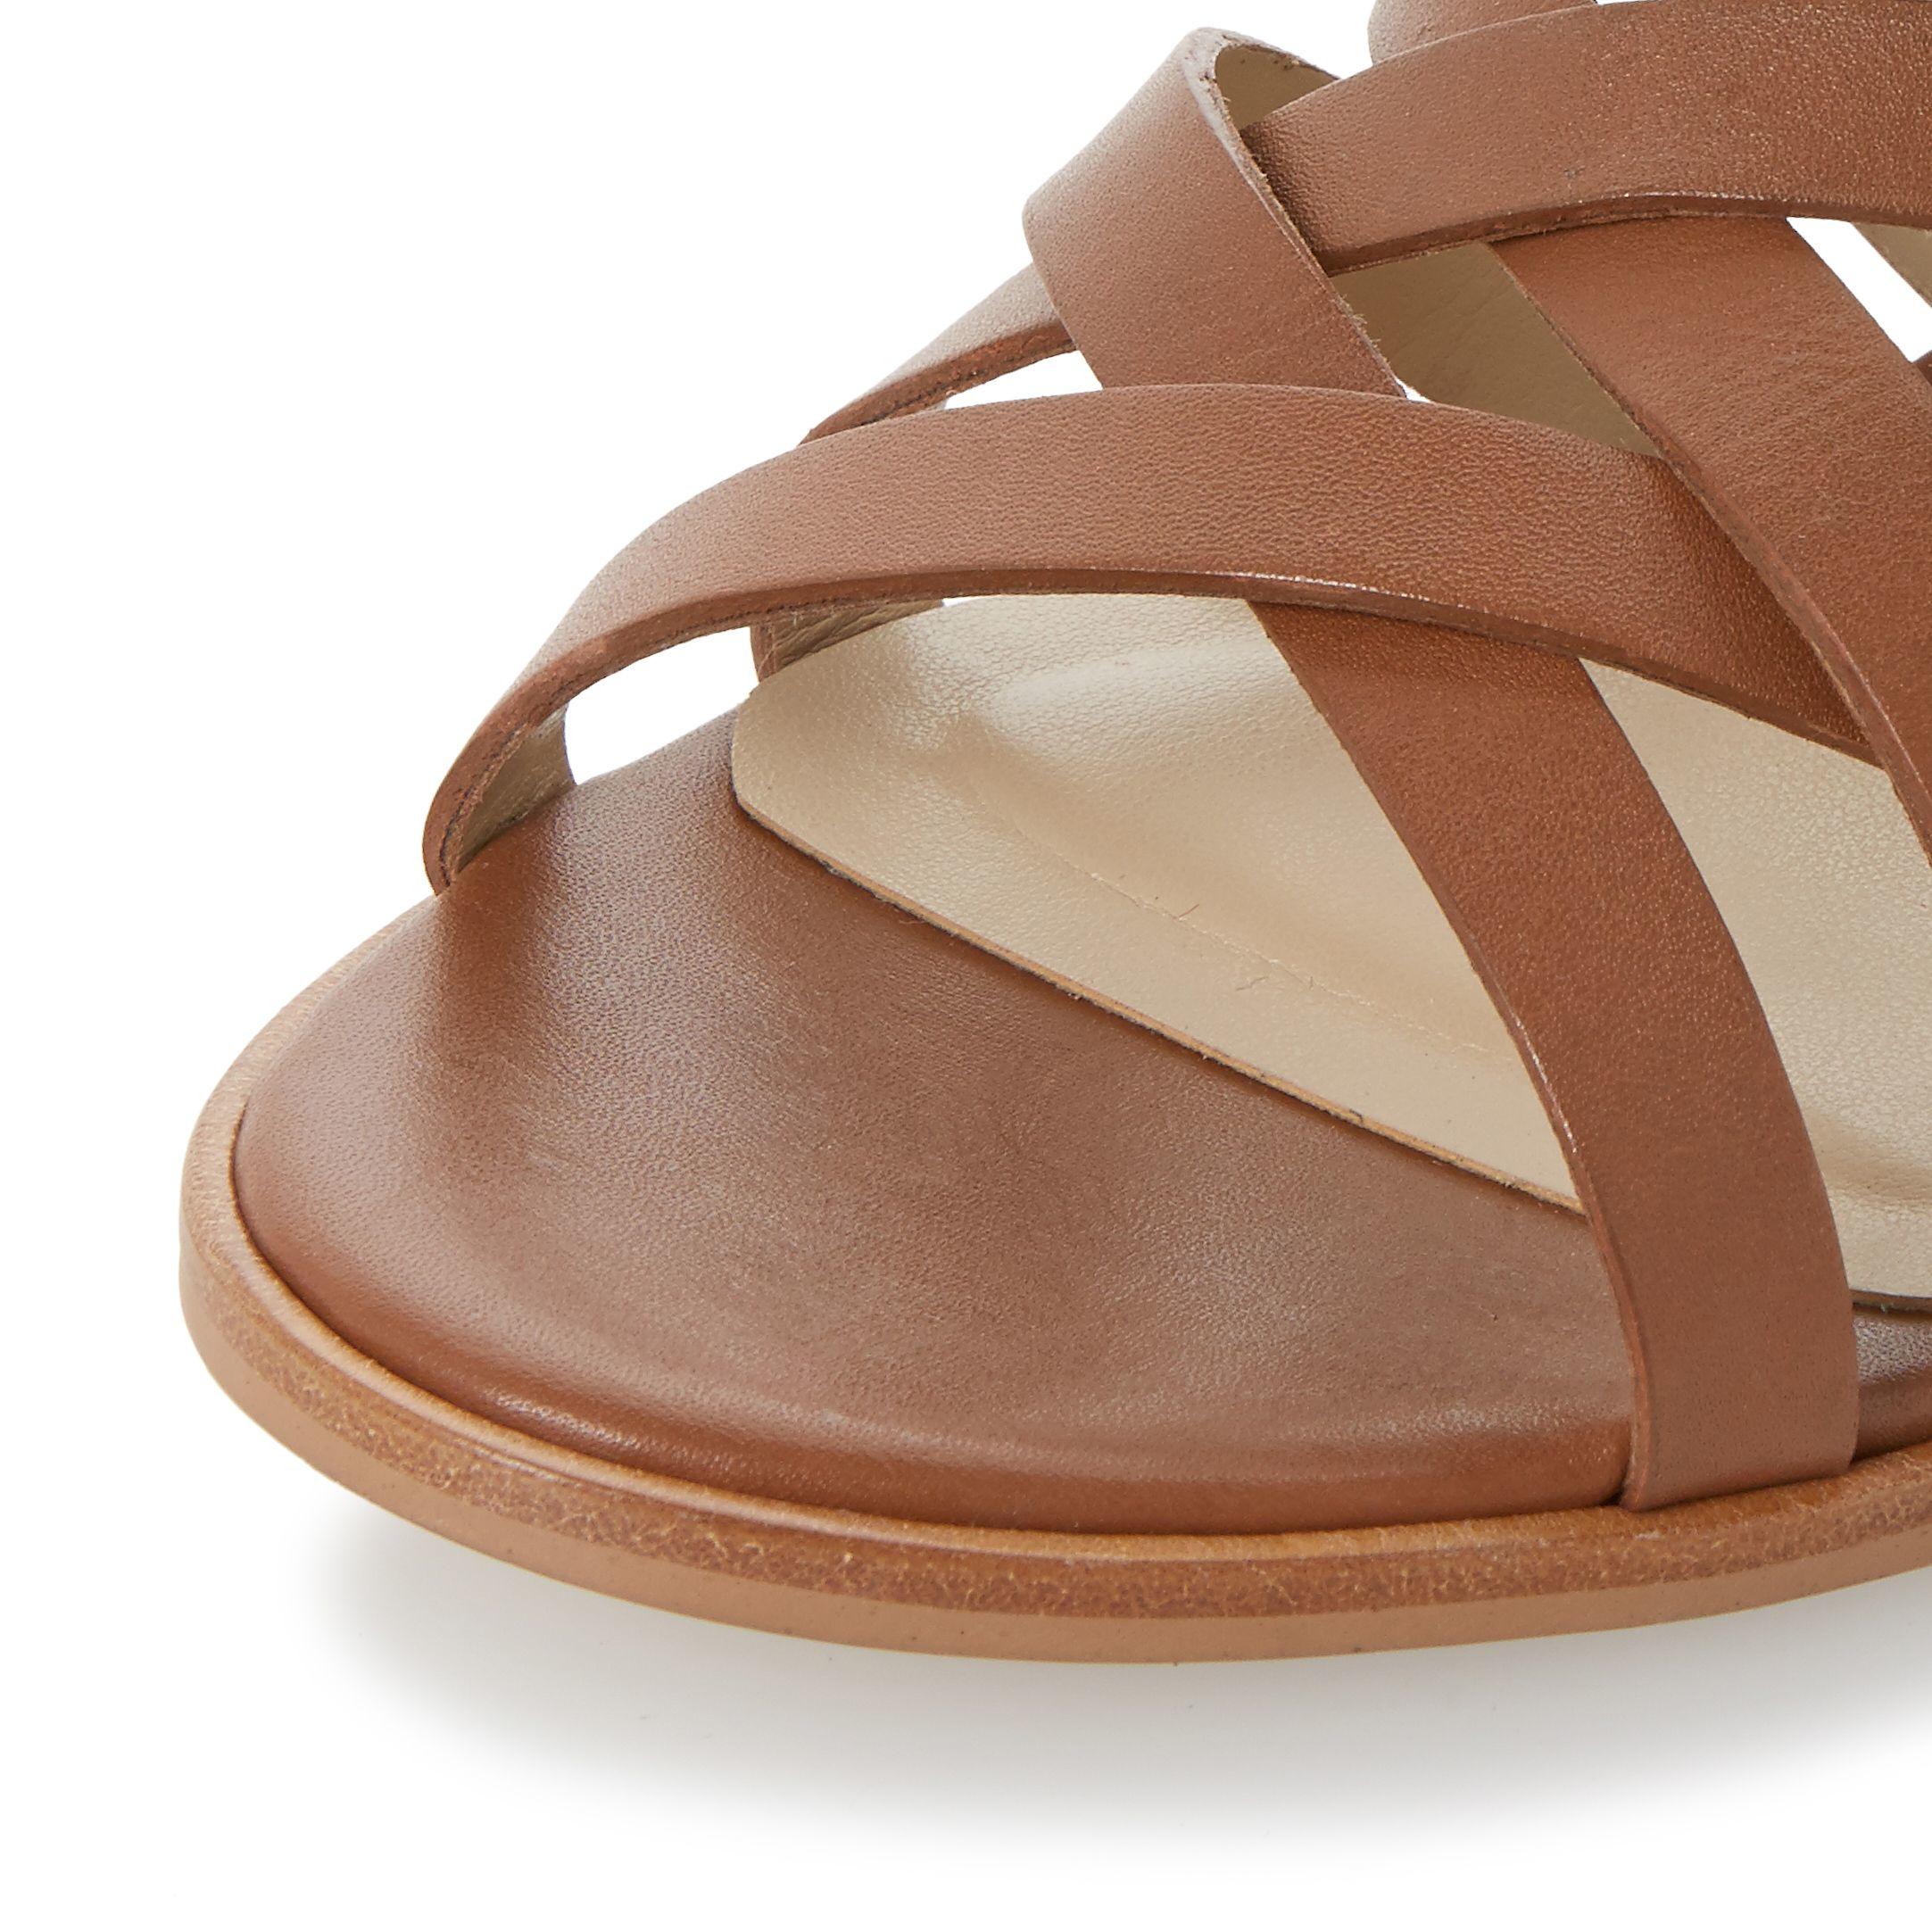 Dune Iliana Strappy Block Heel Sandals in Brown | Lyst